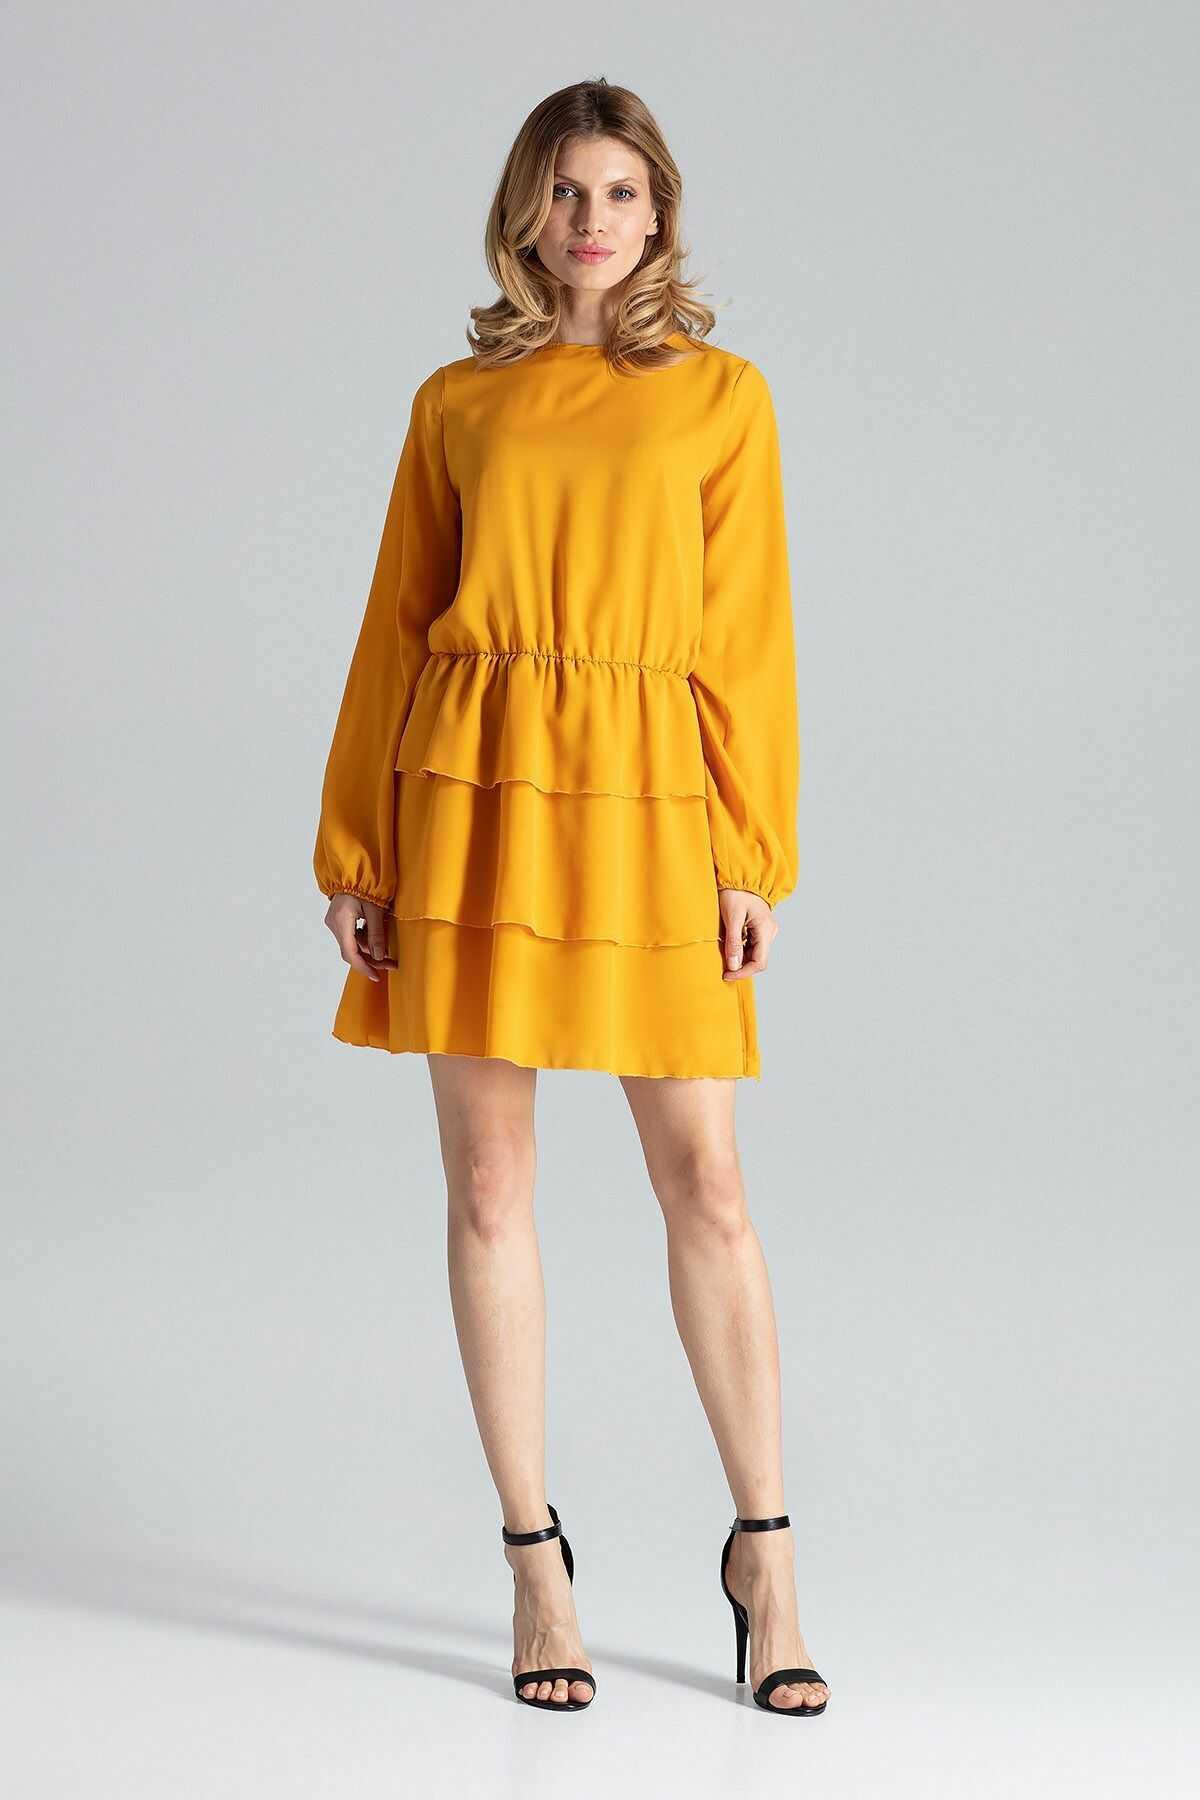 Musztardowa romantyczna wyjściowa sukienka z długimi bufiastymi rękawami